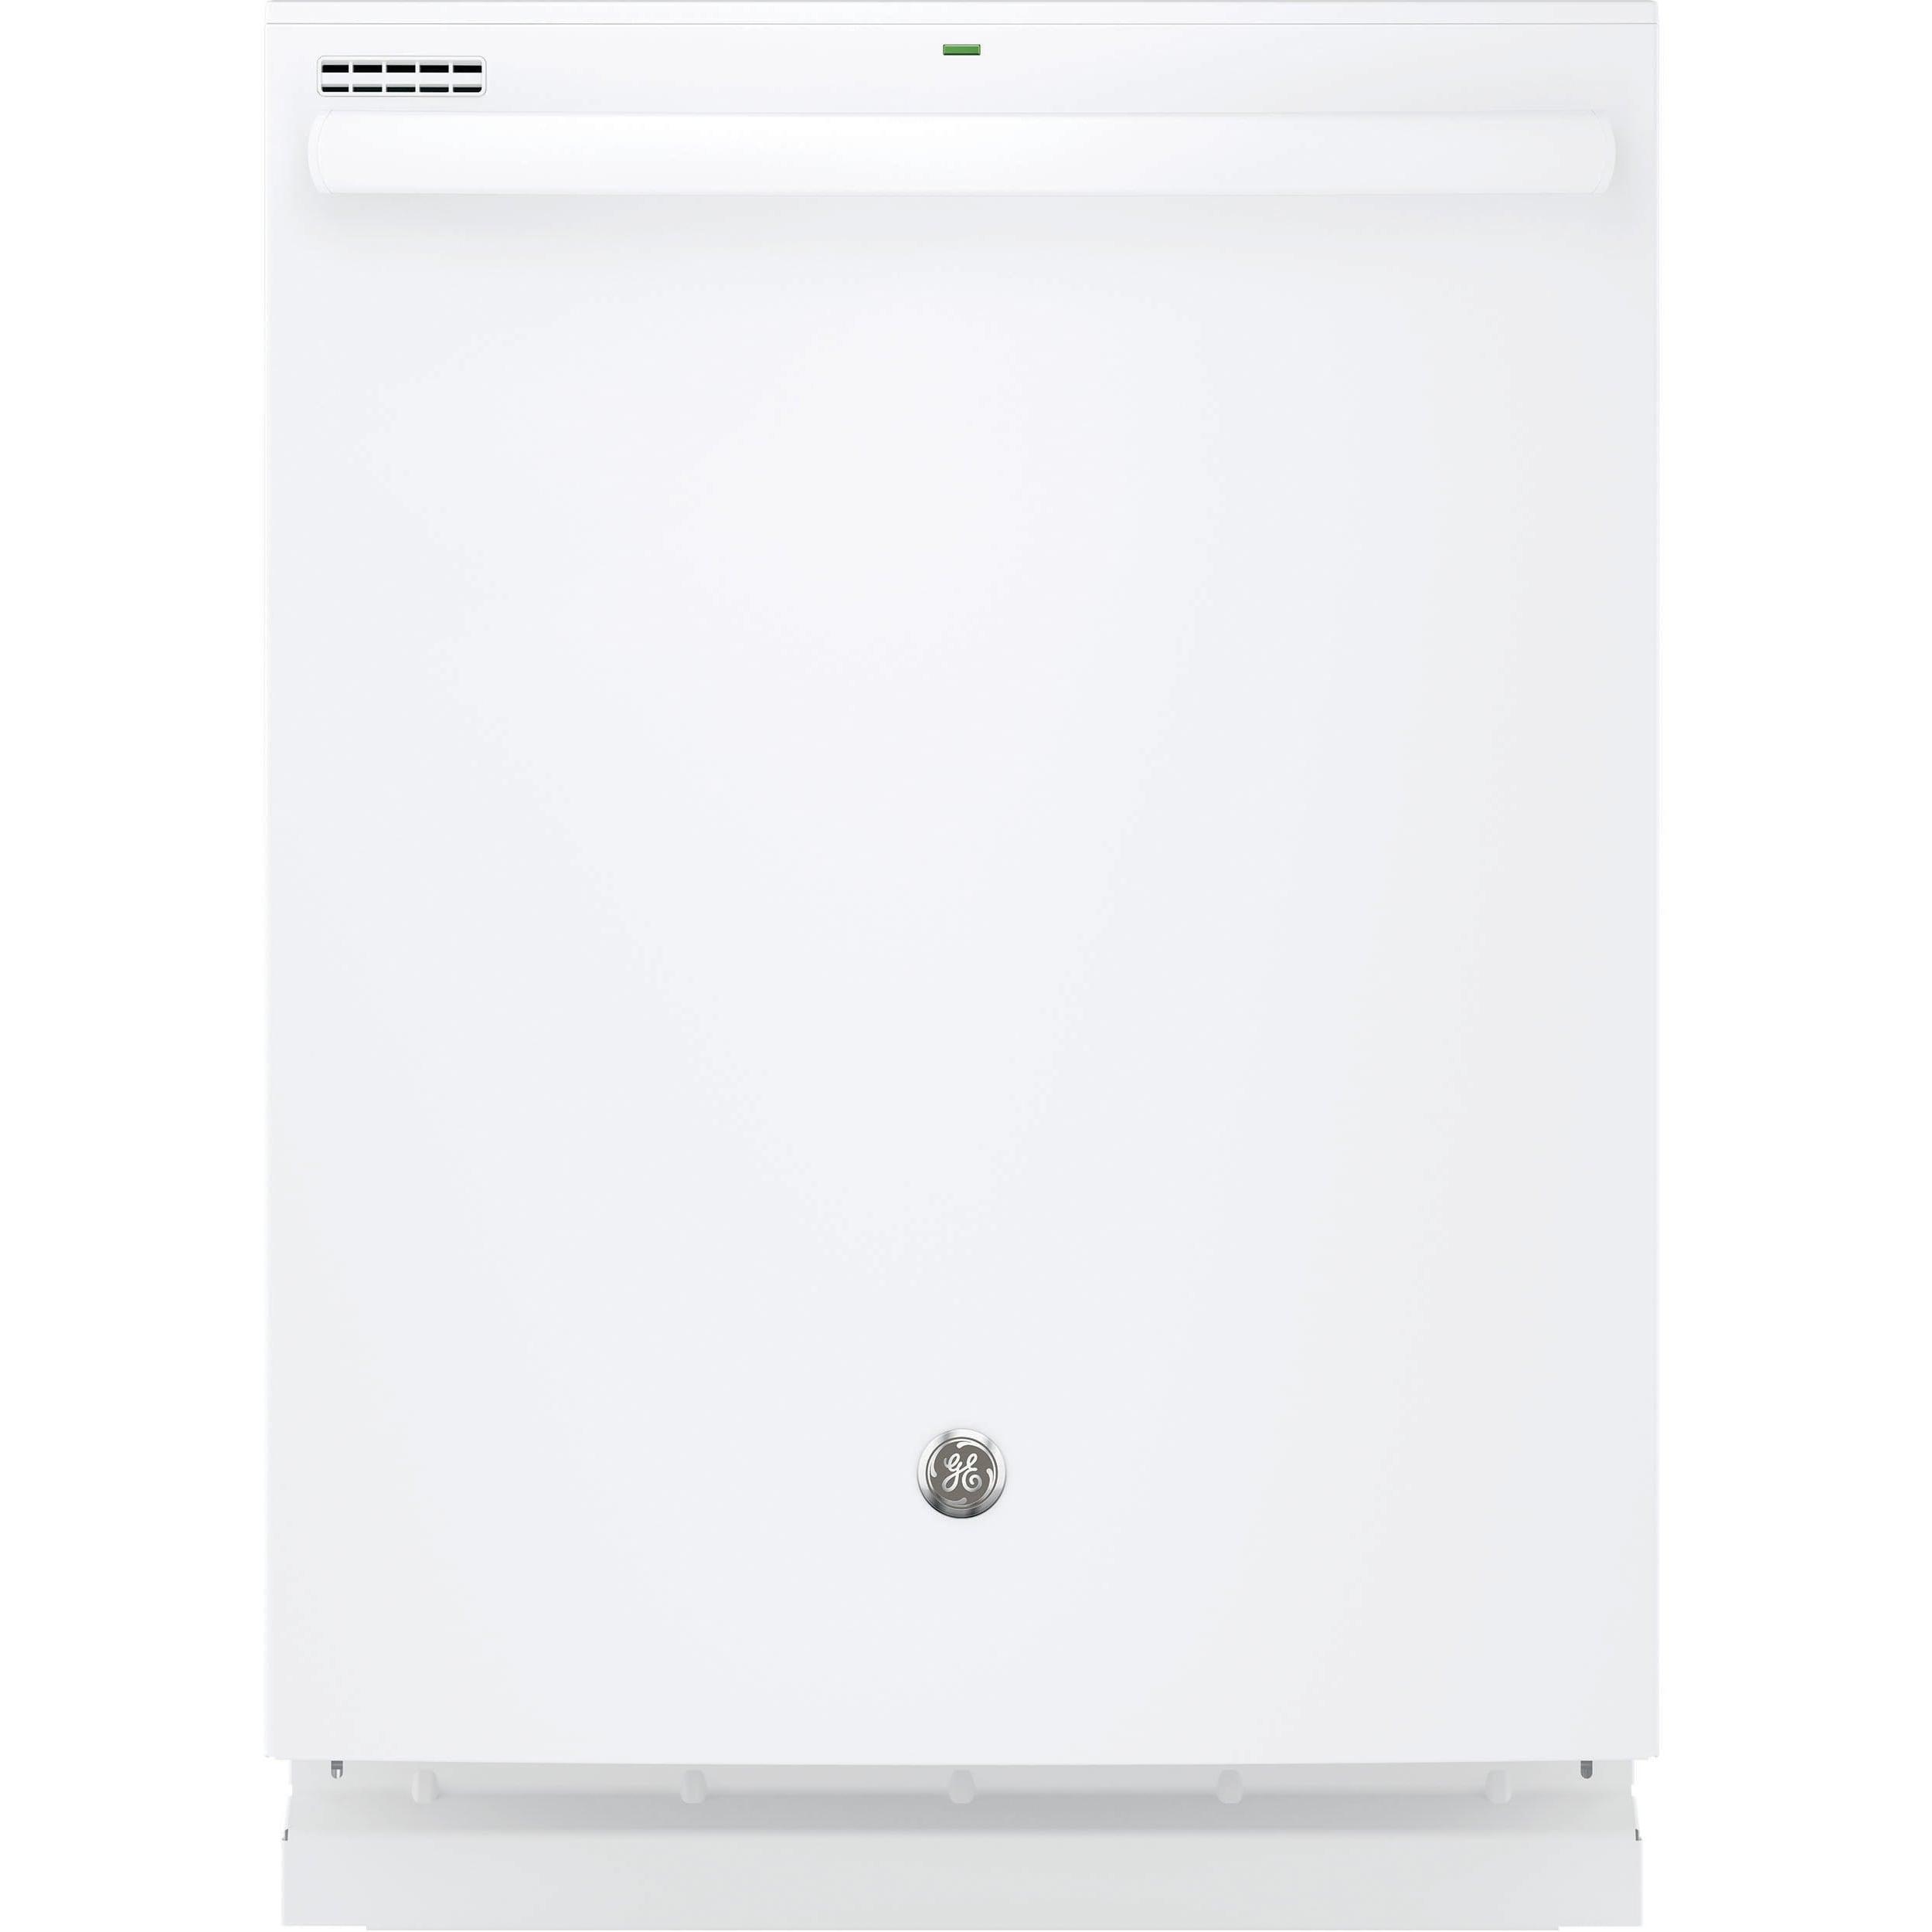 GE Hybrid Stainless Steel Interior Dishwasher with Hidden...